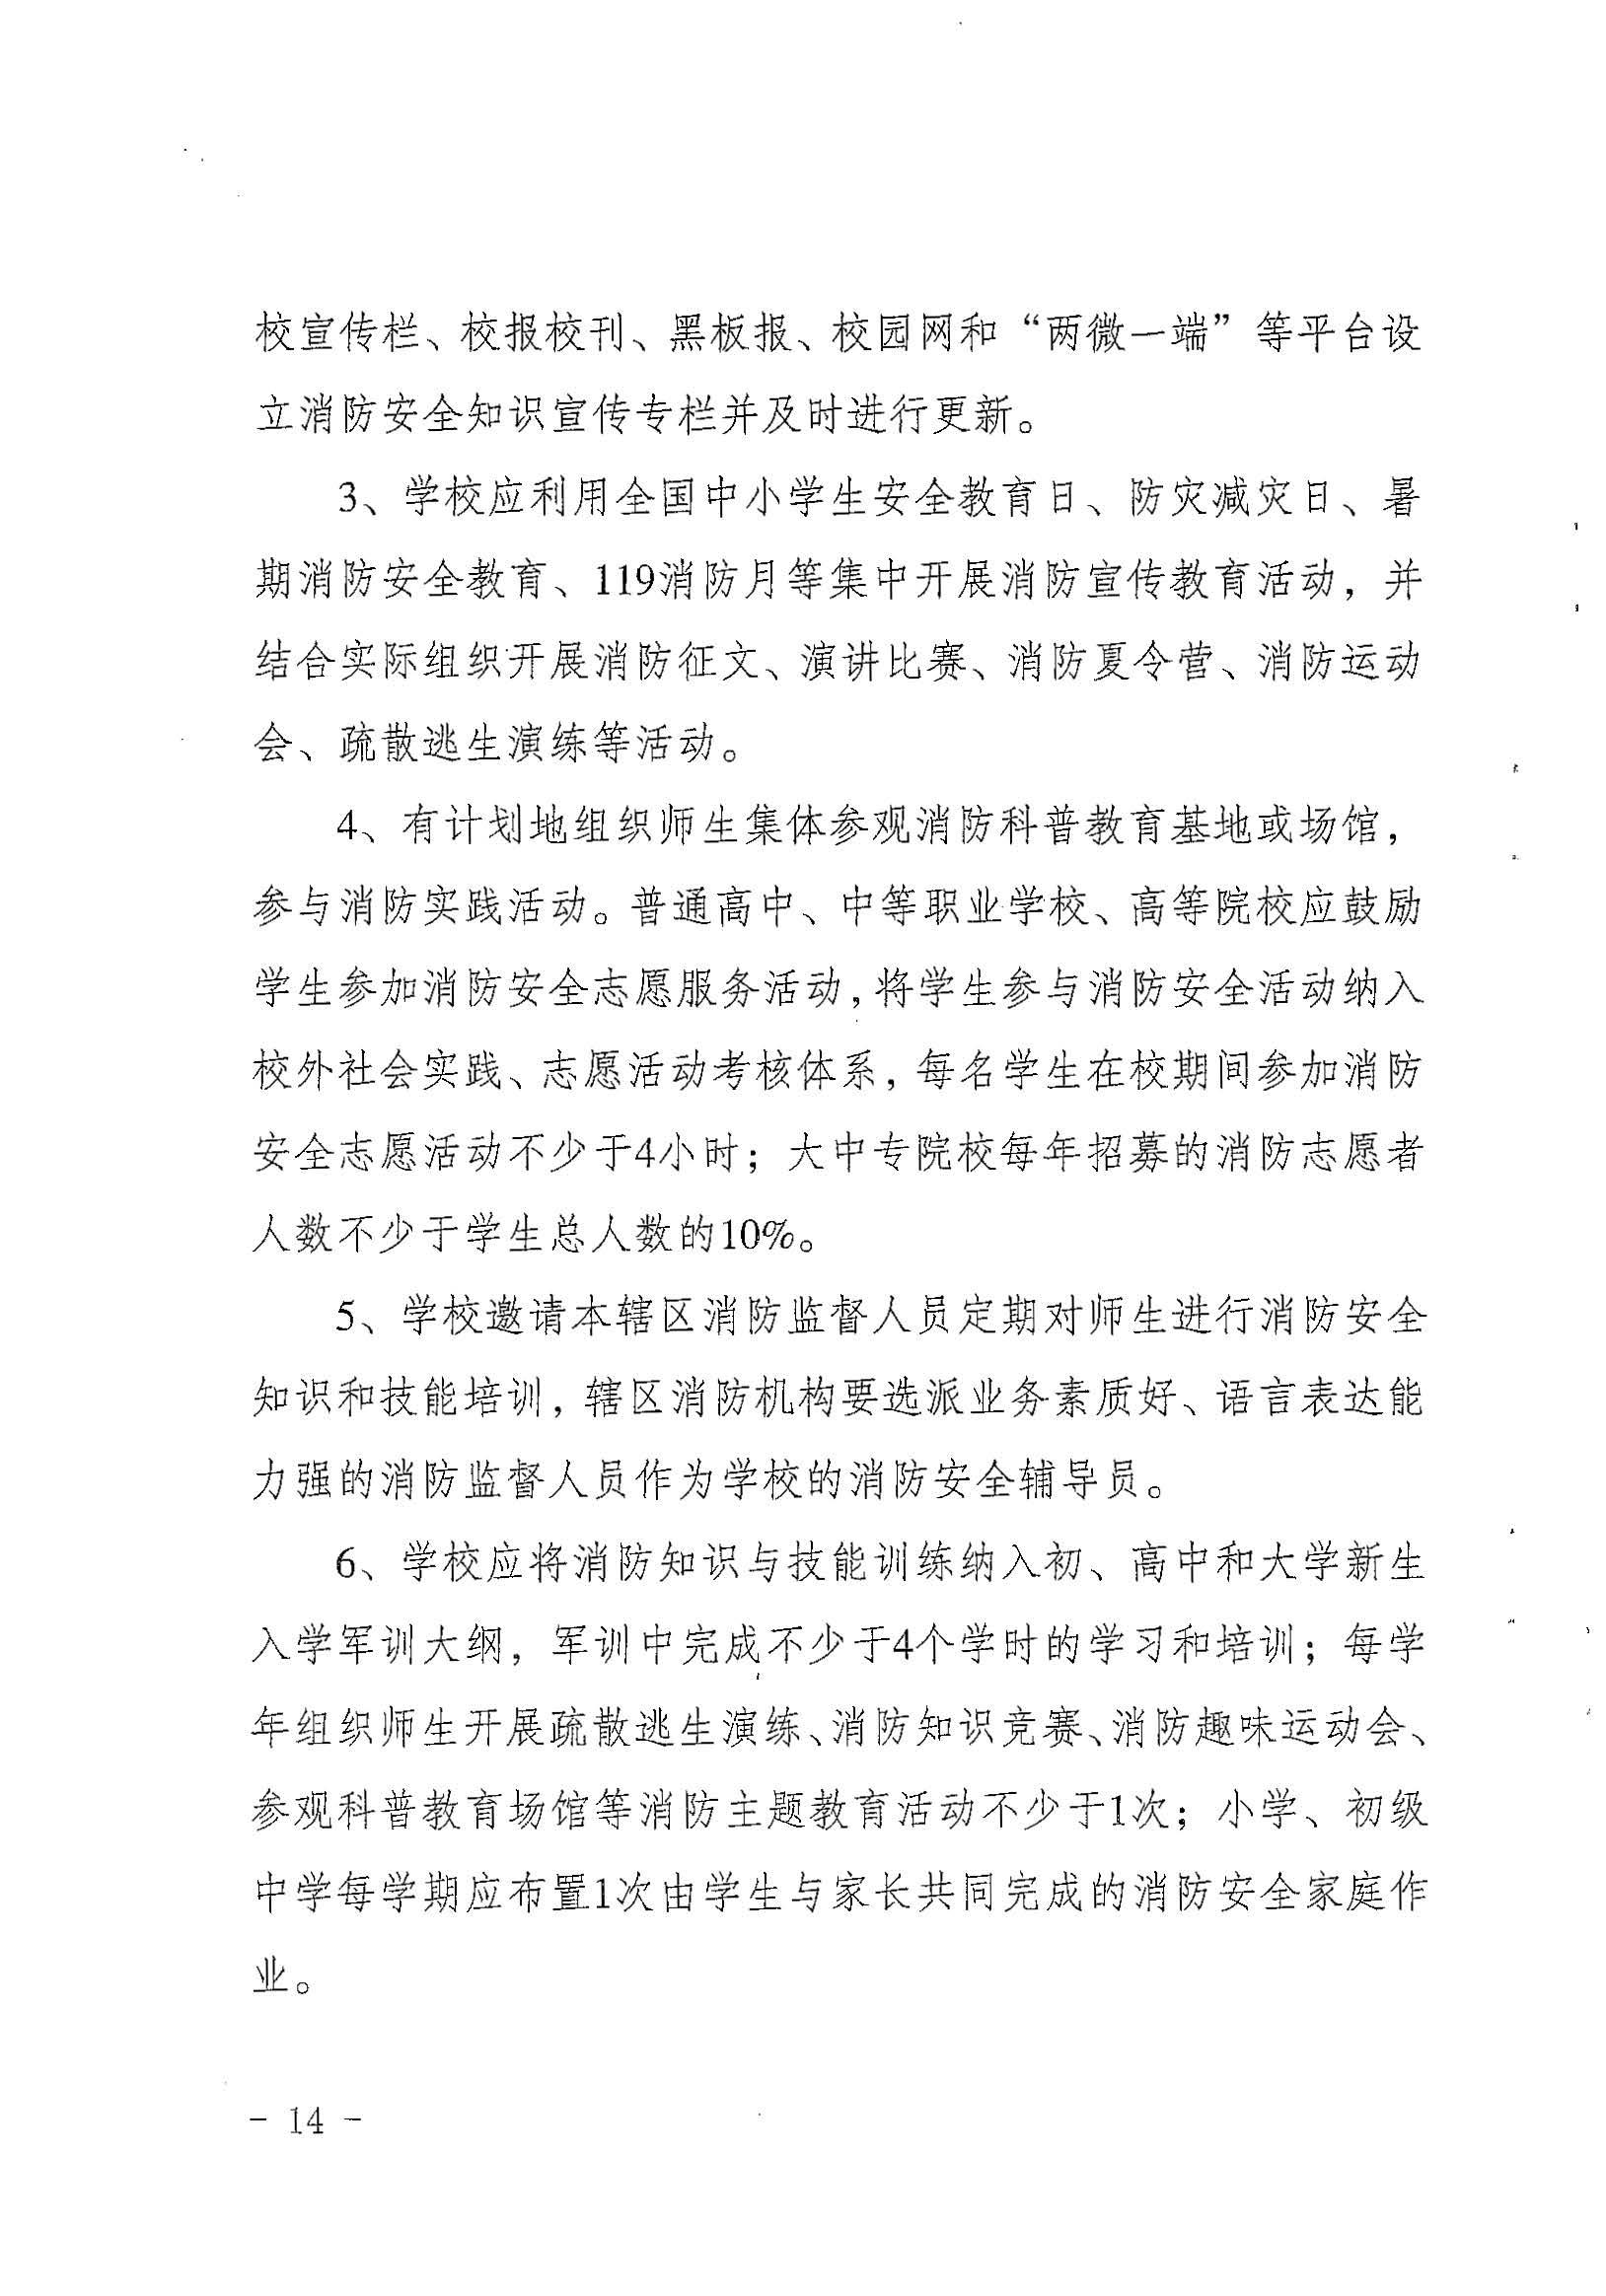 """省消防安委办关于印发《青海省消防安全宣传教育""""五进""""工作实施细则》的通知(青消安委[2020]20号)_页面_14.jpg"""